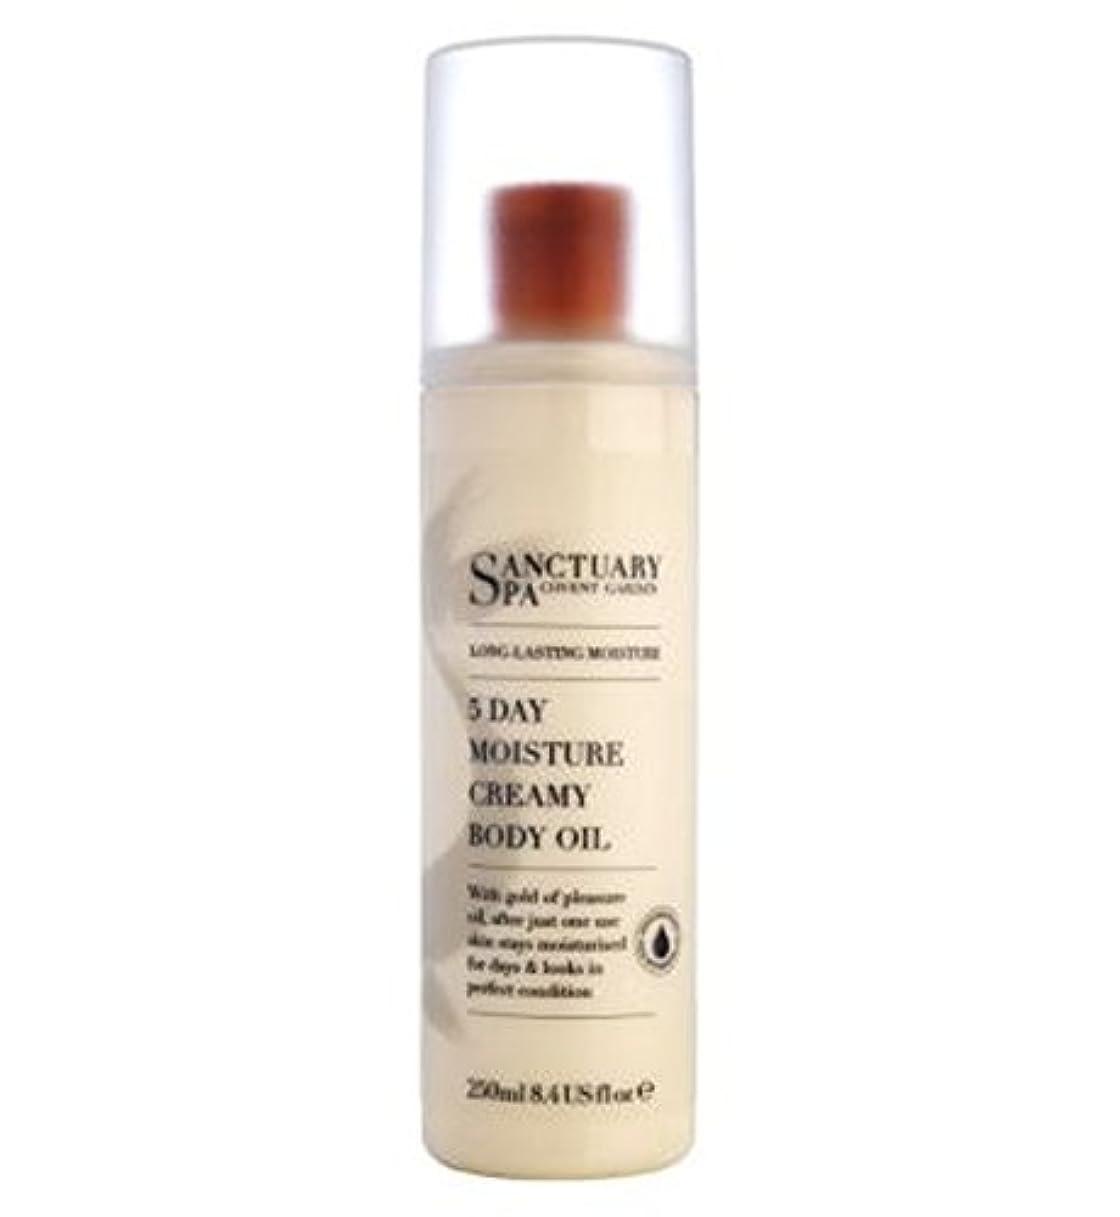 作ります助けになる命令Sanctuary Long Lasting Moisture 5 Day Moisture Creamy Body Oil 250ml - 聖域長期的な水分5日間の水分クリーミーボディオイル250ミリリットル (Sanctuary...